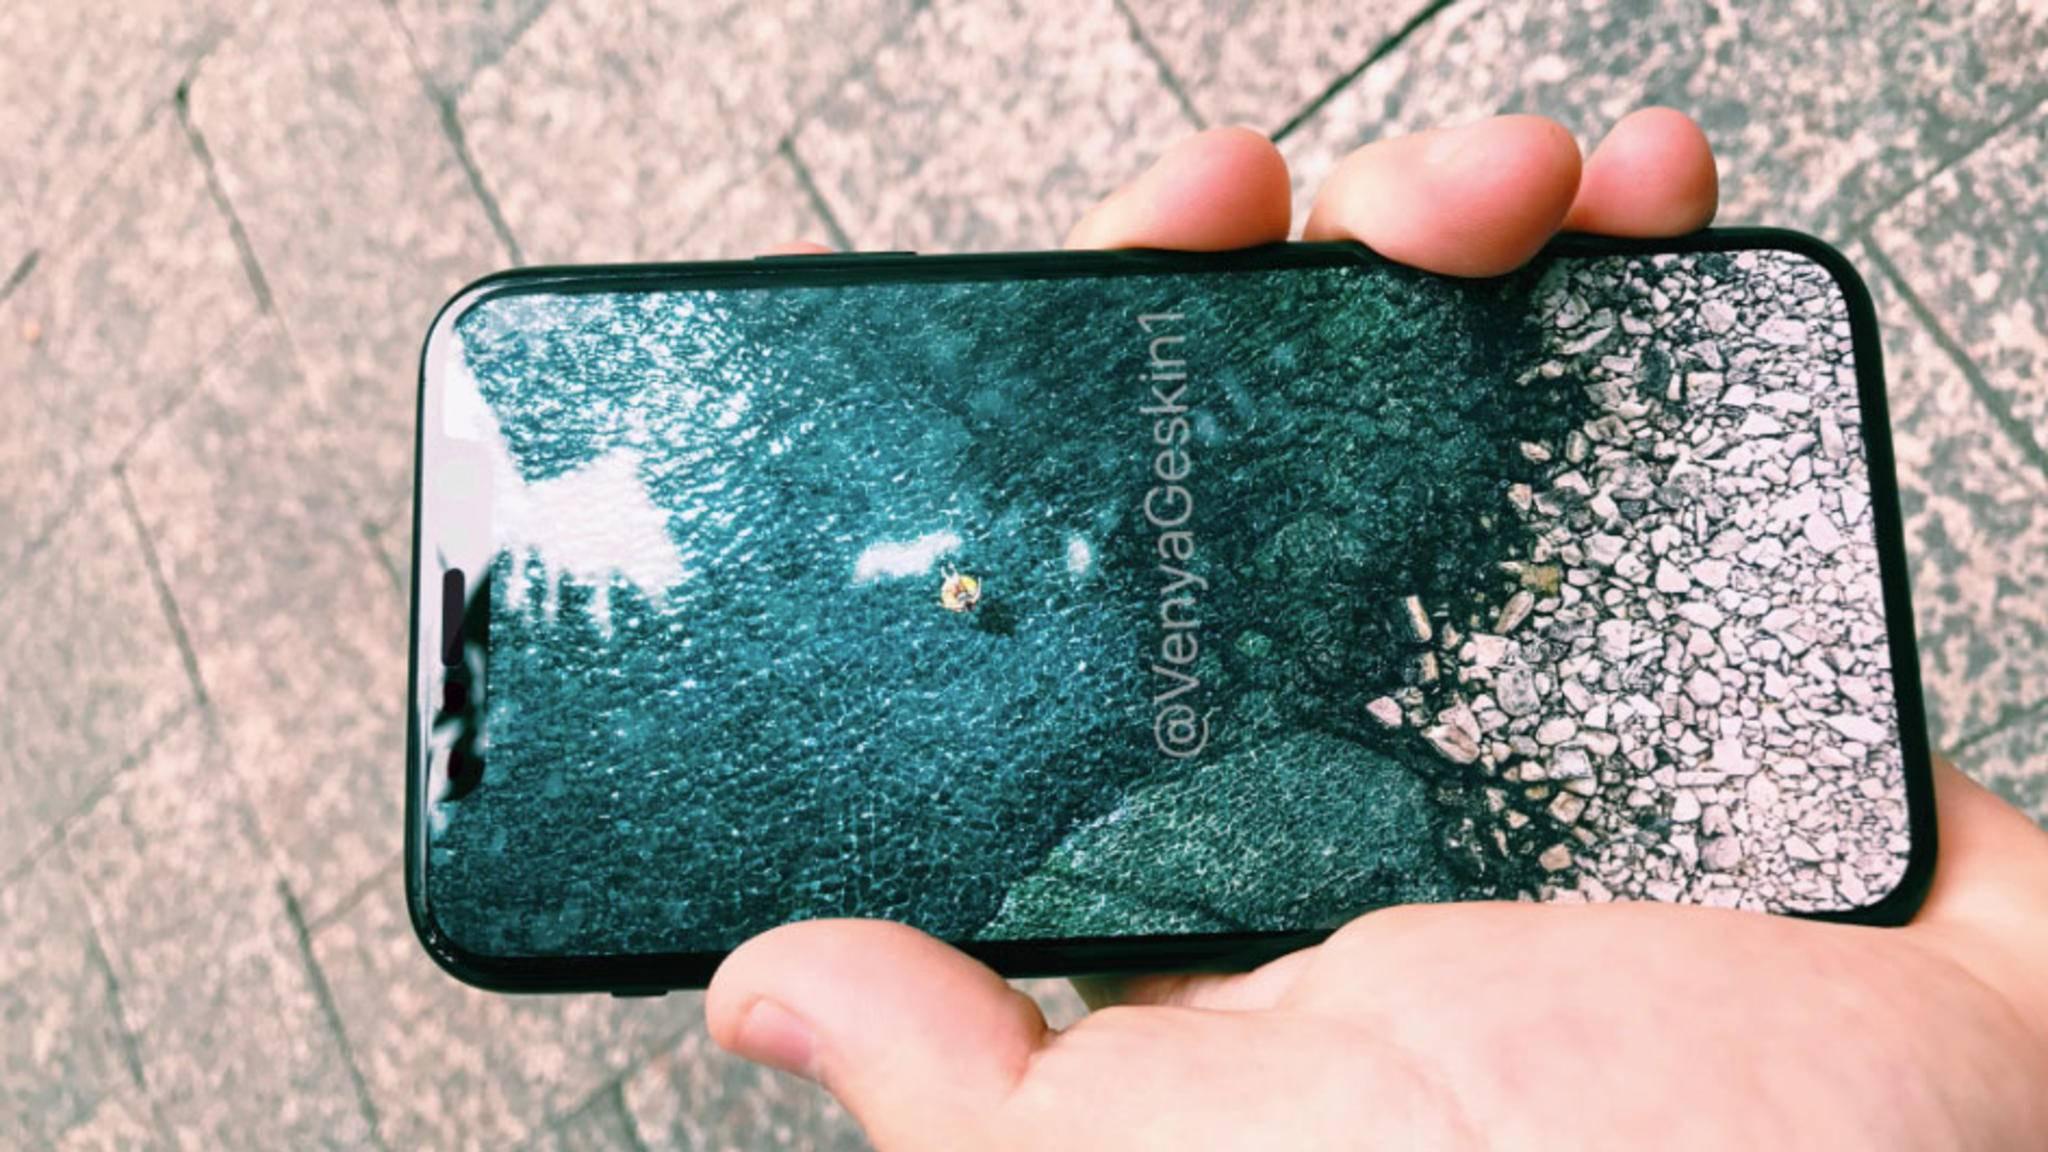 Edge-to-Edge-Display und schwarzer Rahmen: So präsentiert sich ein iPhone-8-Dummy in einem Video.